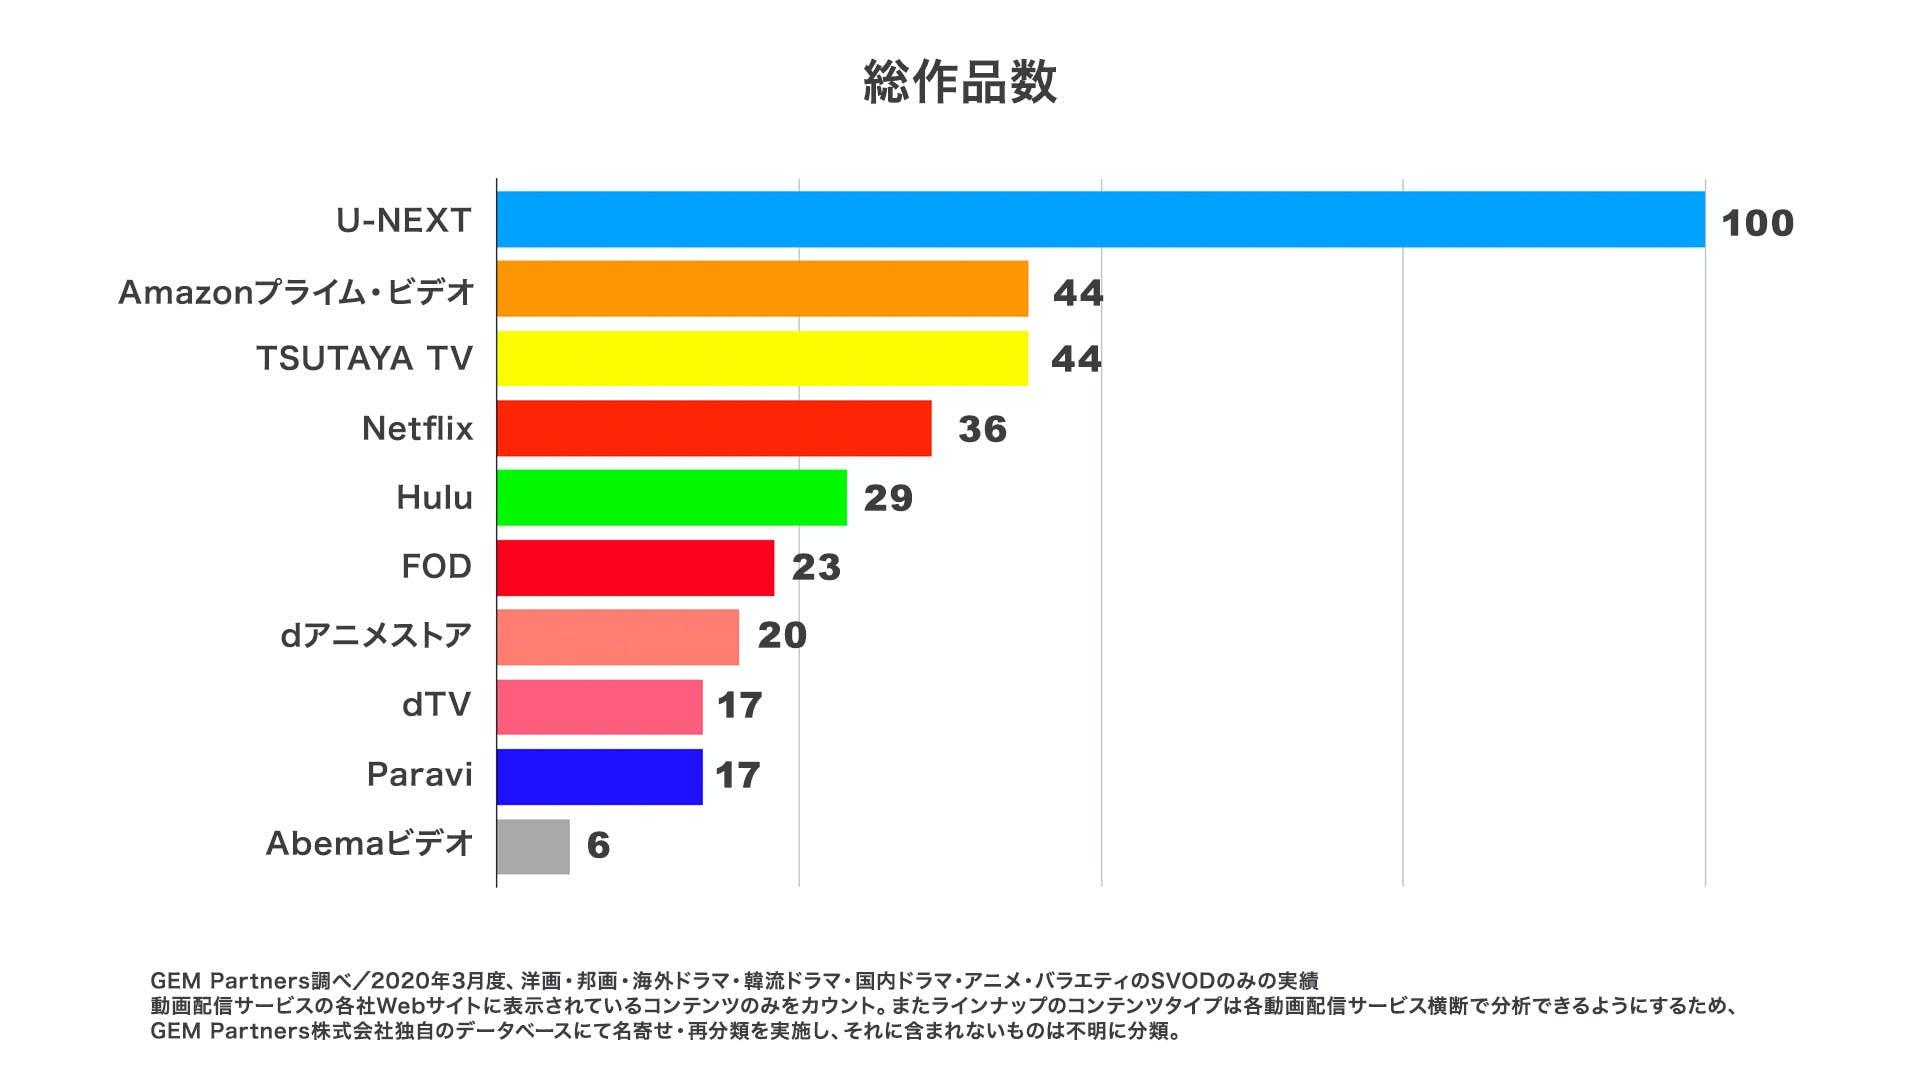 U-NEXTの総作品数のグラフ